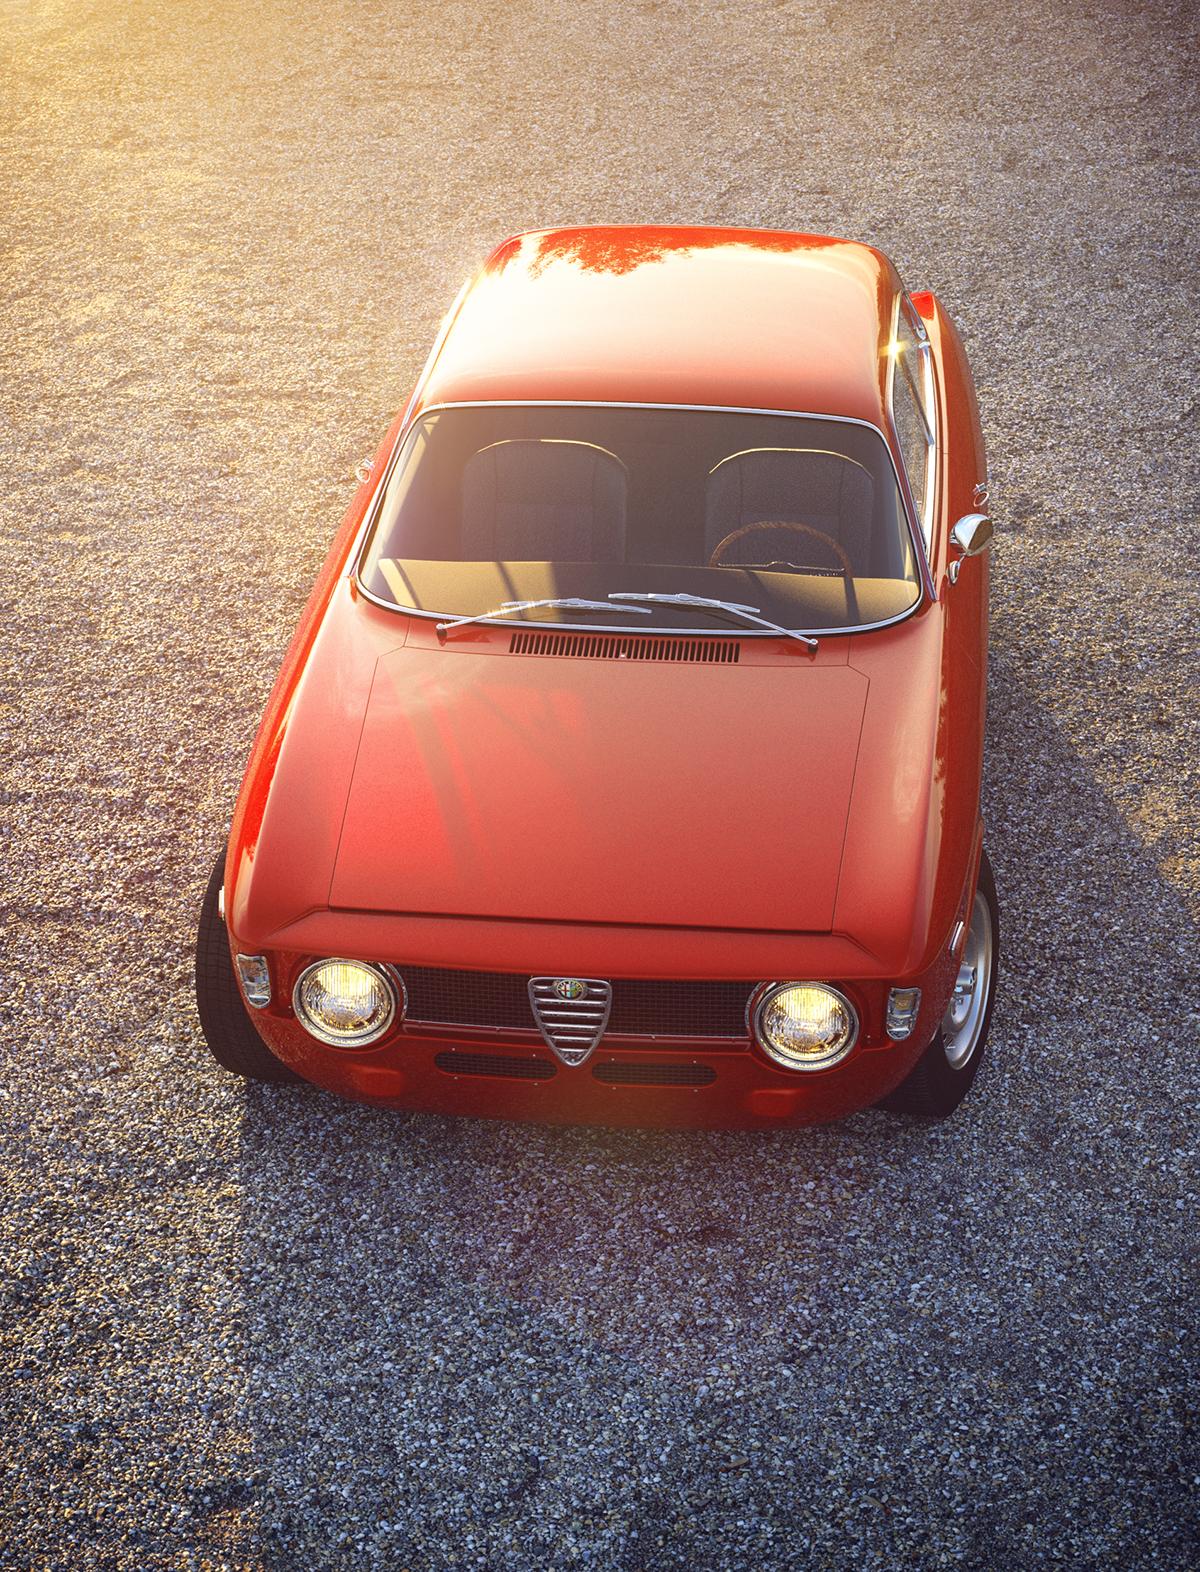 Alfa Romeo Giulia GTA (full Cgi) On Student Show